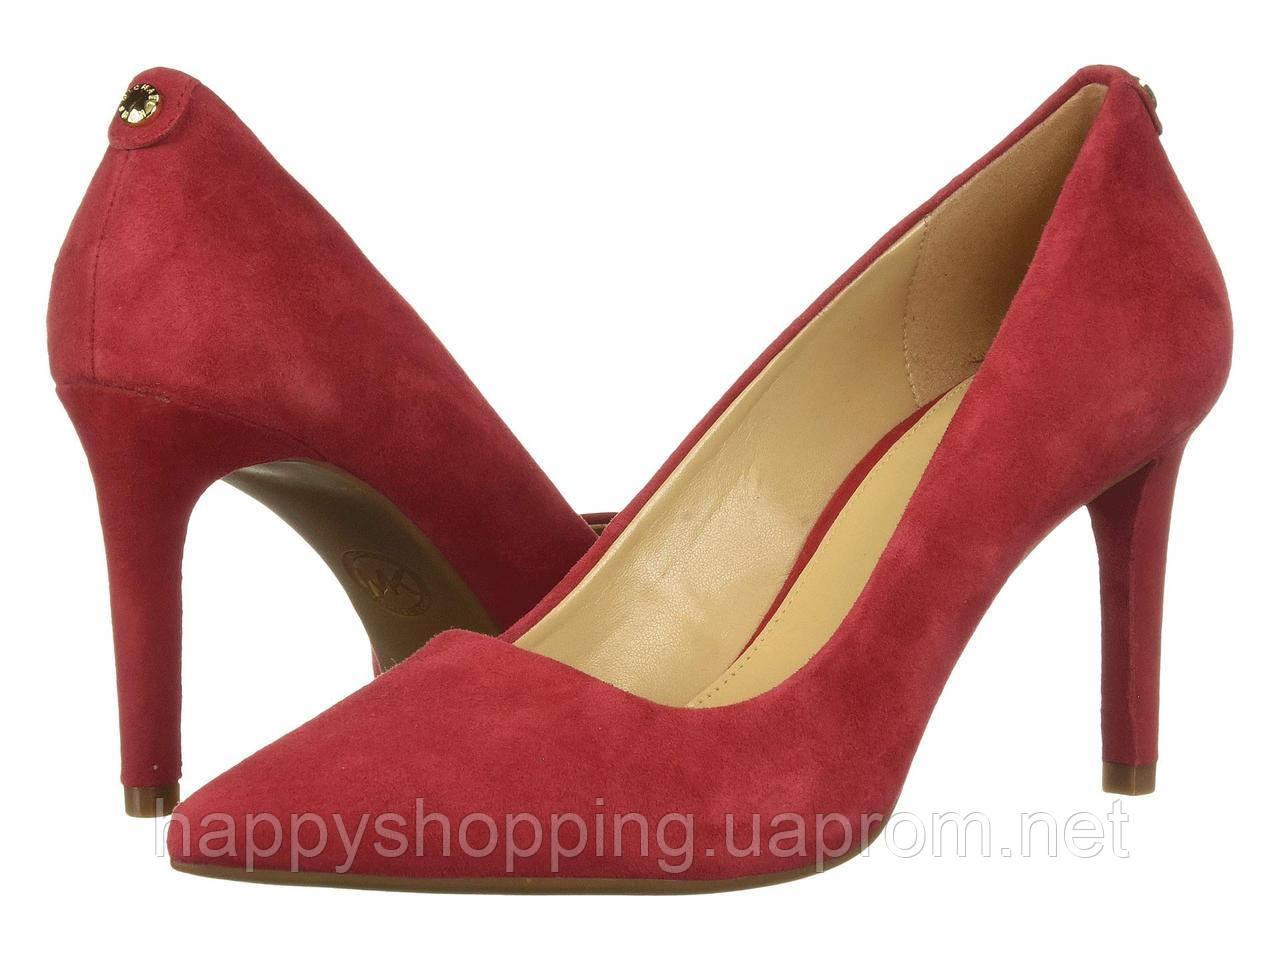 Женские оригинальные красные замшевые туфли Michael Kors